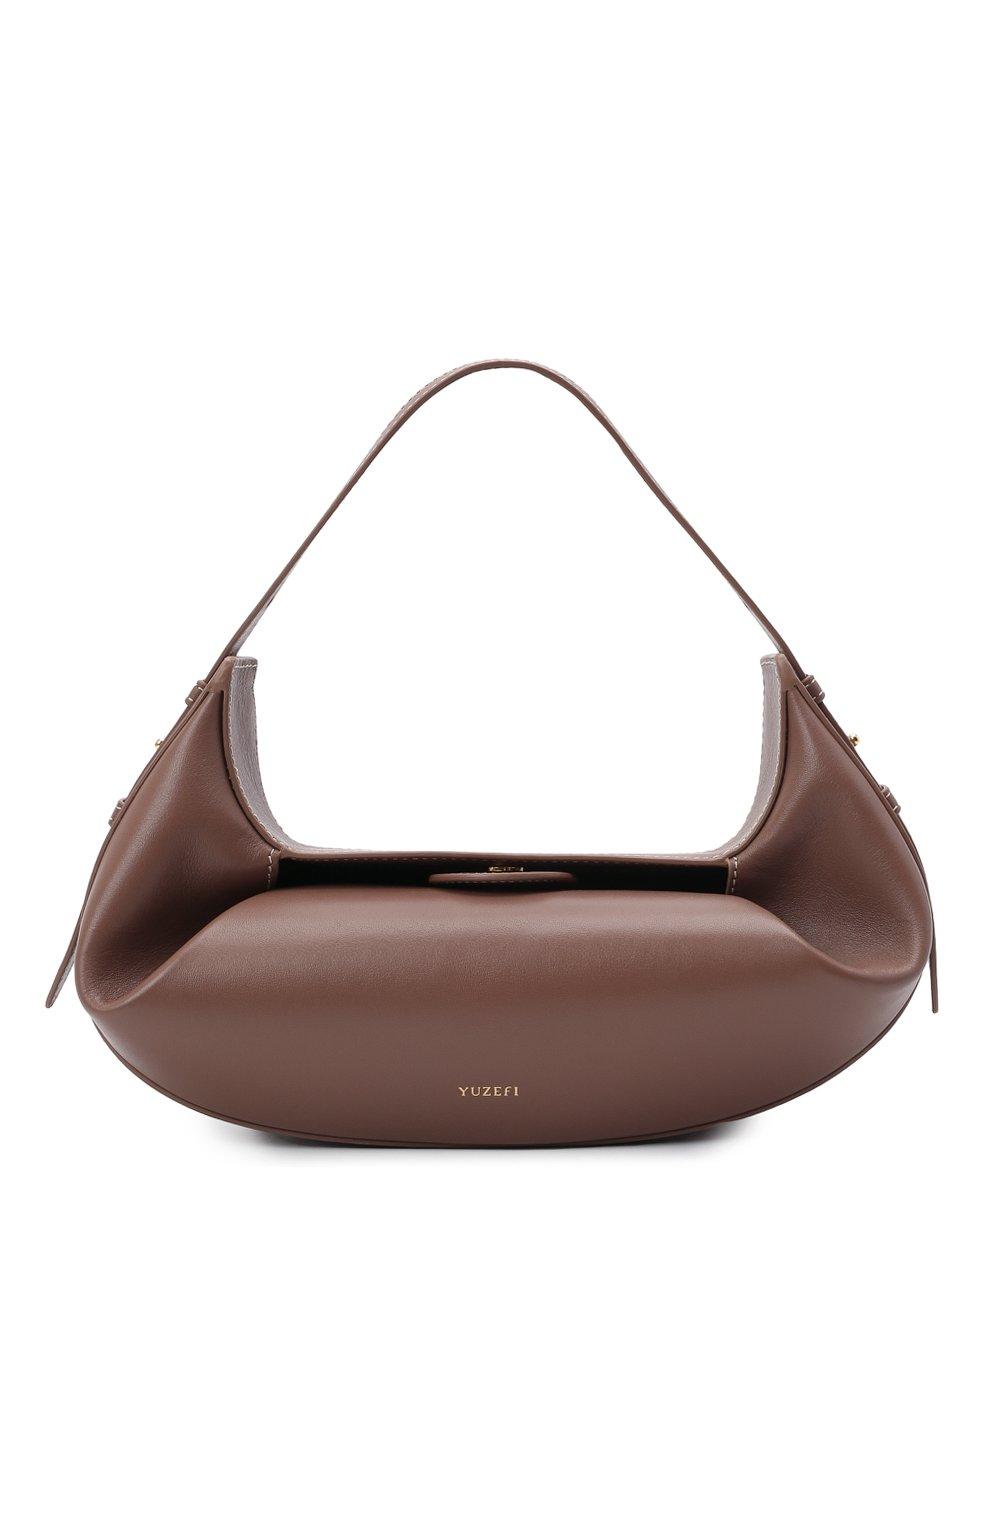 Женская сумка fortune cookie YUZEFI коричневого цвета, арт. YUZPF21-HB-FC-14 | Фото 1 (Сумки-технические: Сумки top-handle; Размер: medium; Материал: Натуральная кожа)